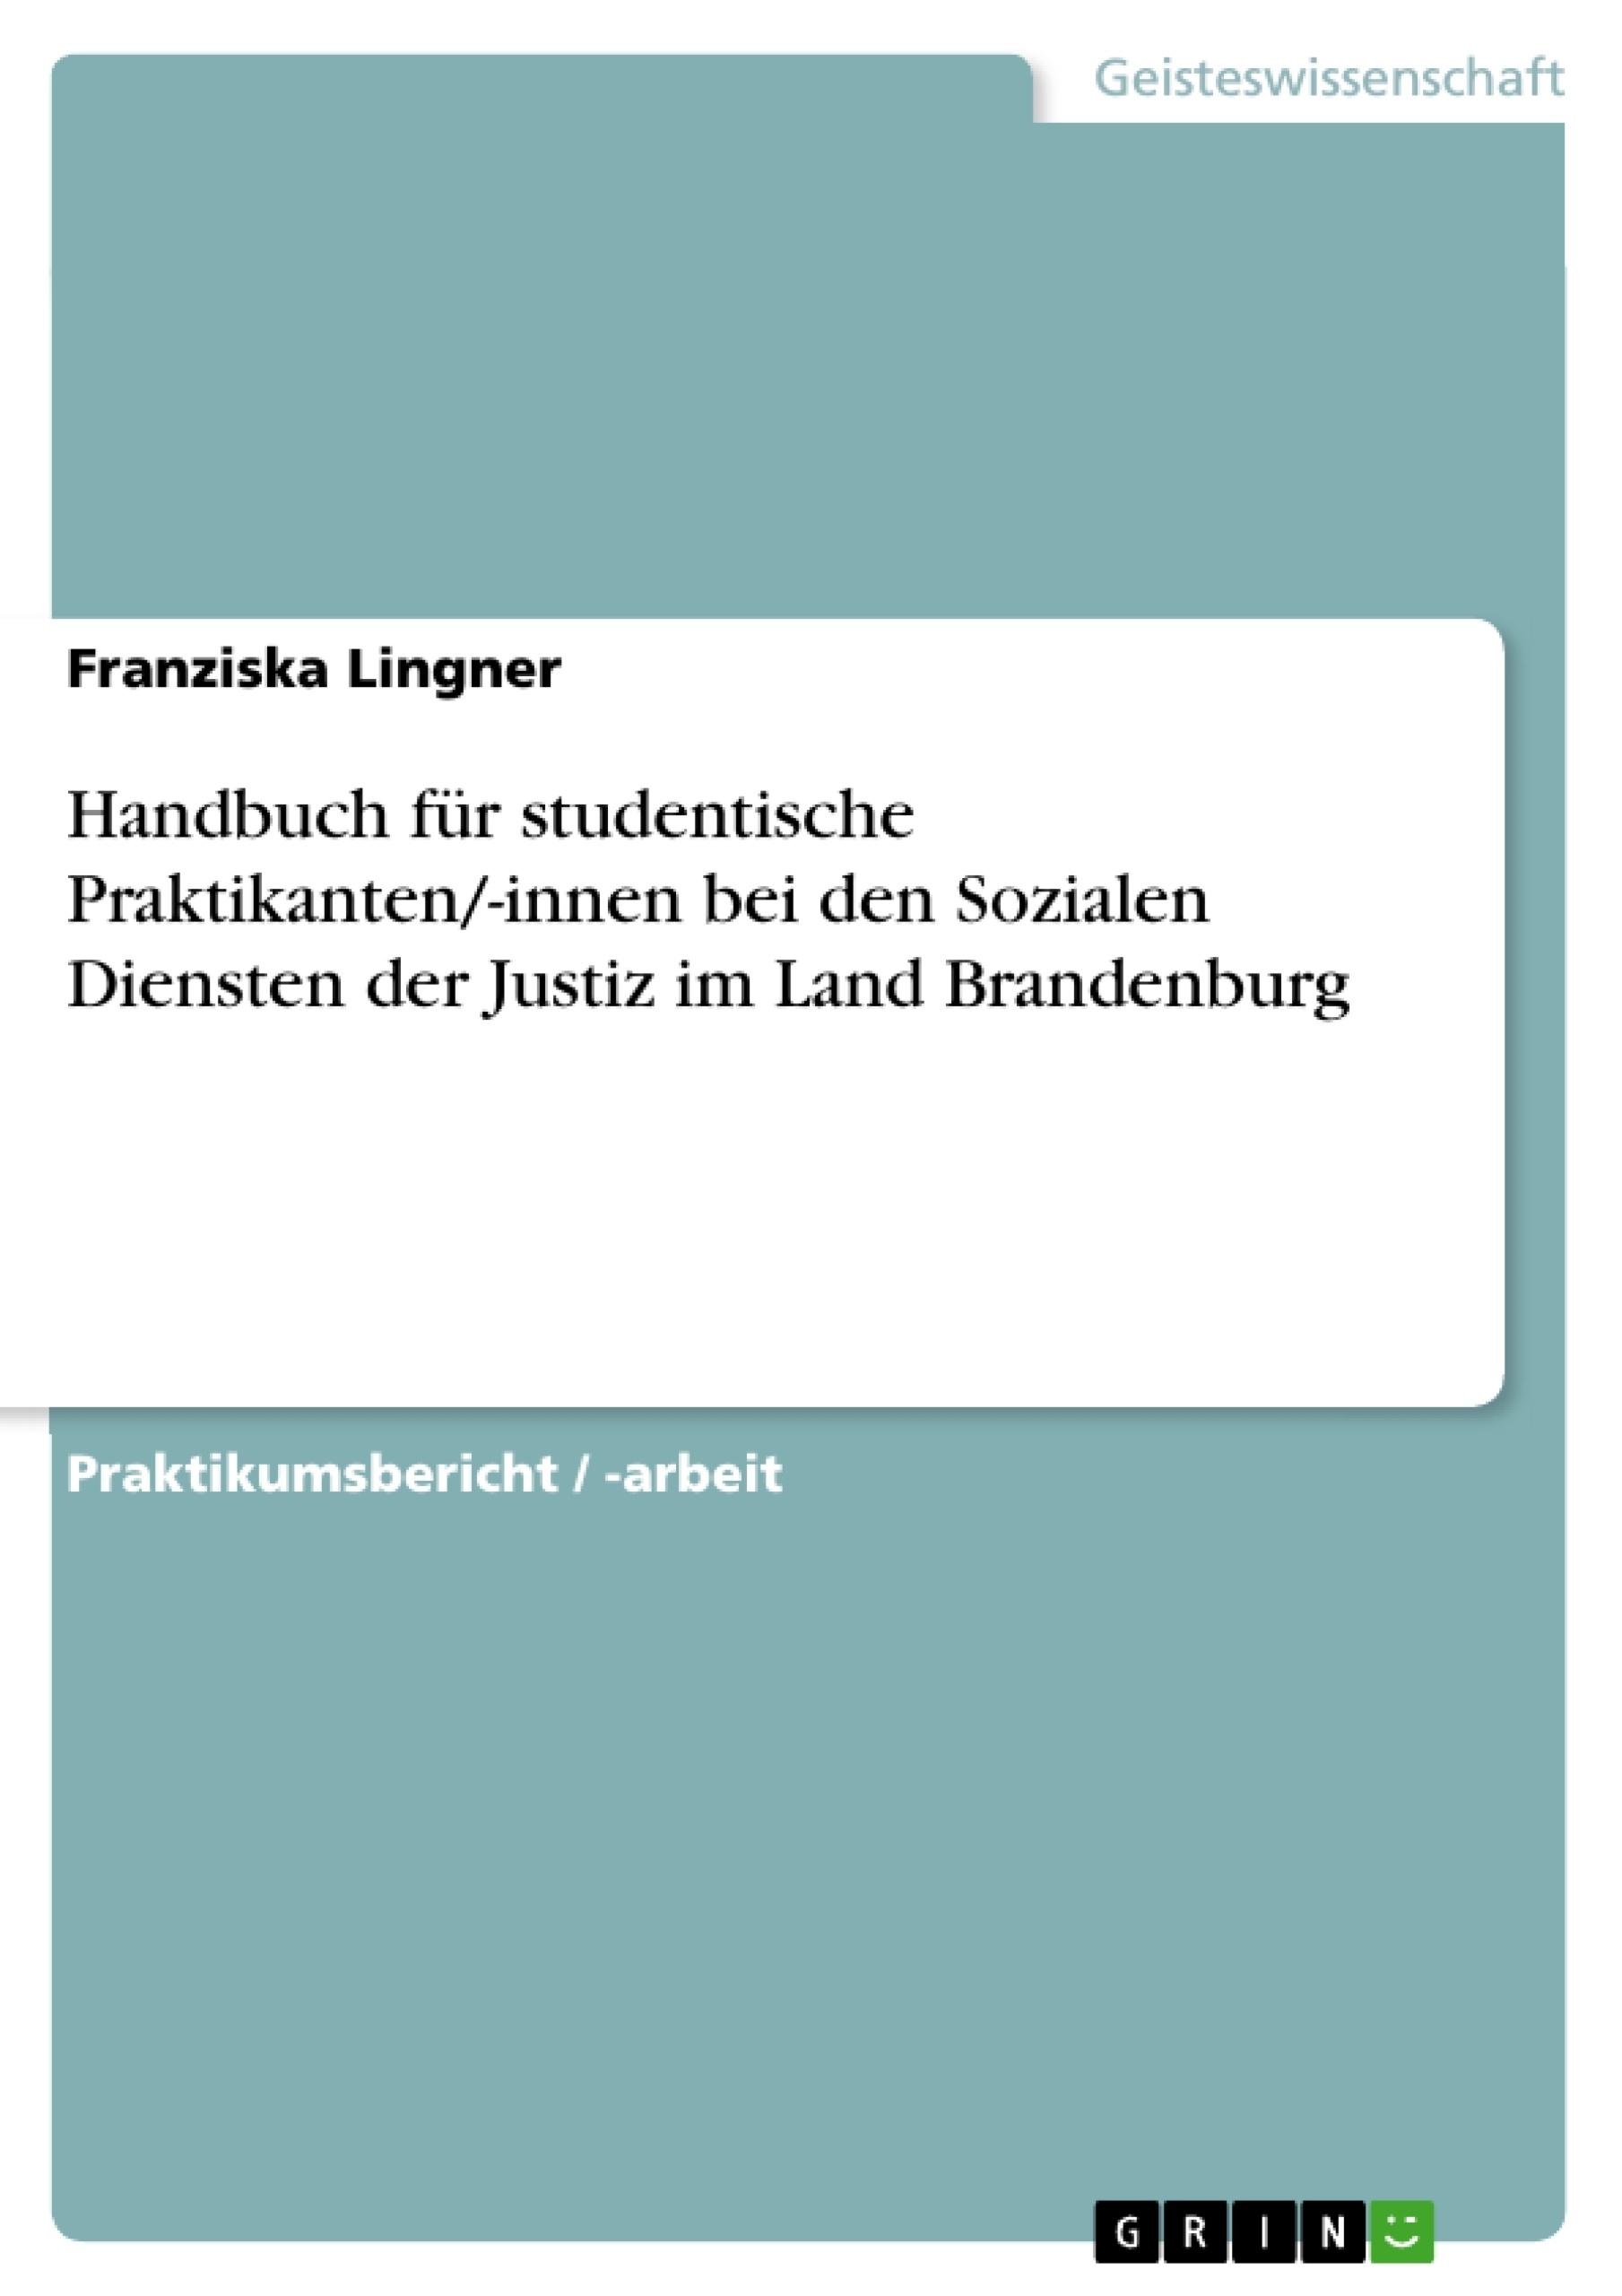 Titel: Handbuch für studentische Praktikanten/-innen bei den Sozialen Diensten der Justiz im Land Brandenburg